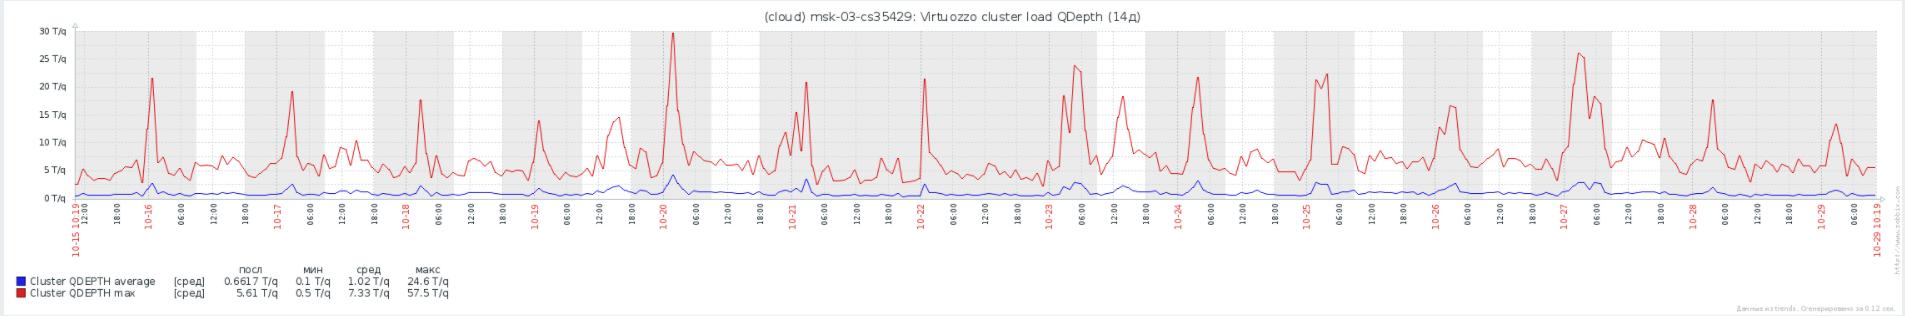 Virtuozzo Storage: Реальный опыт эксплуатации, советы по оптимизации и решению проблем - 6